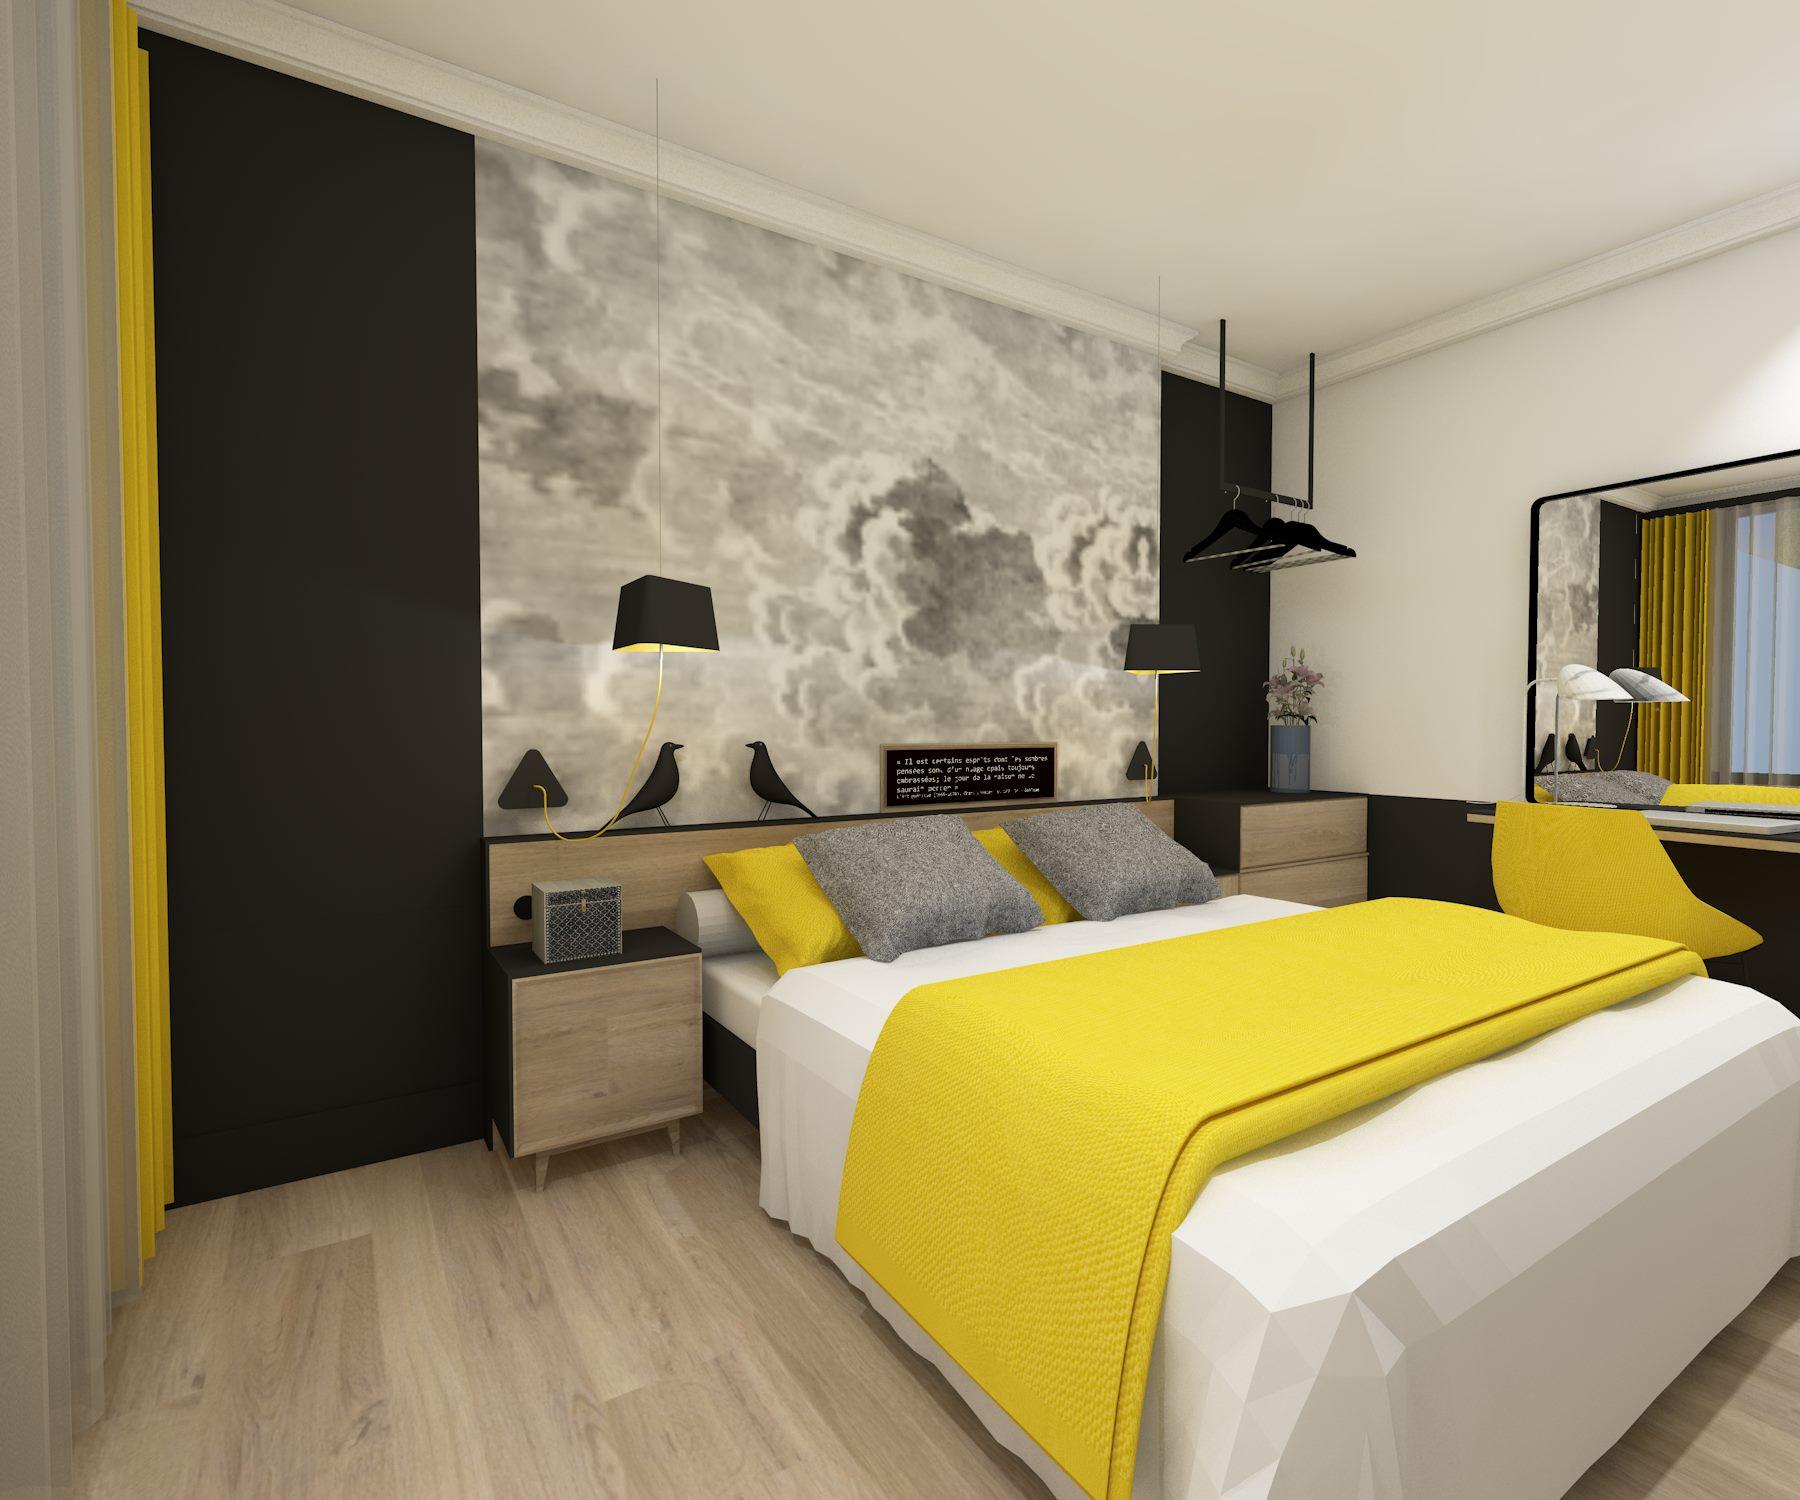 aménagement chambre d'hôtel